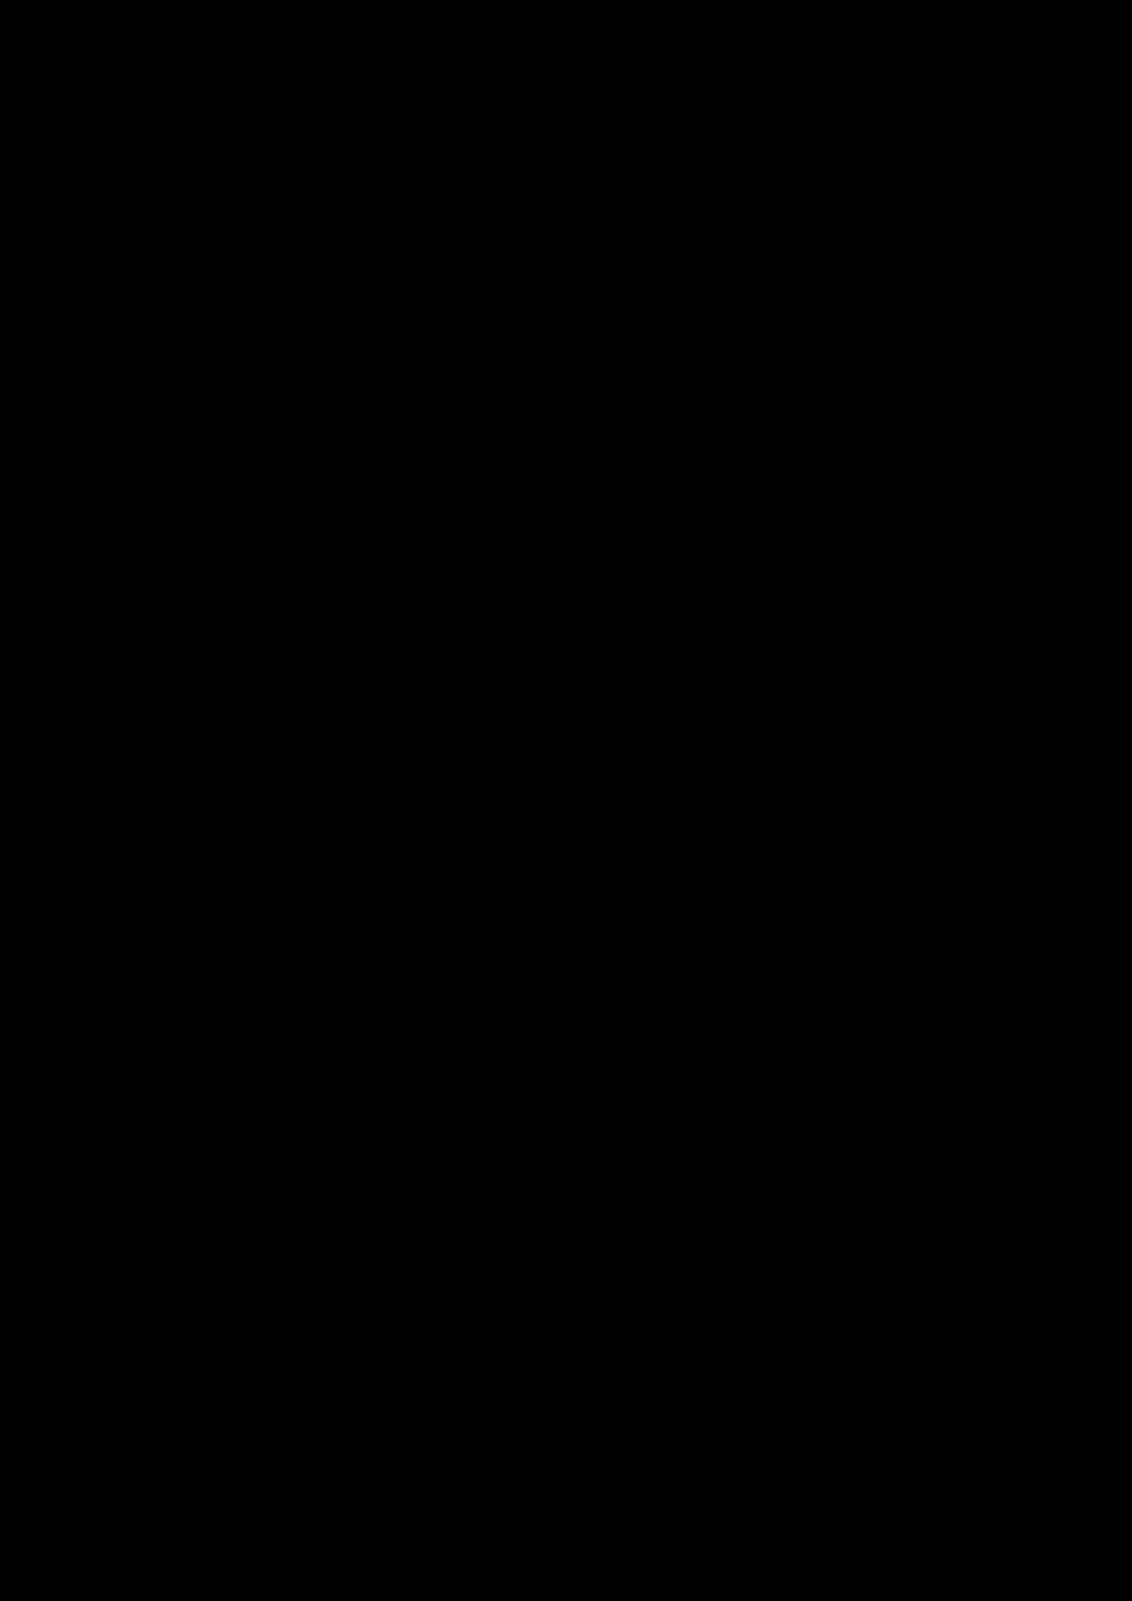 Serdtse slide, Image 42